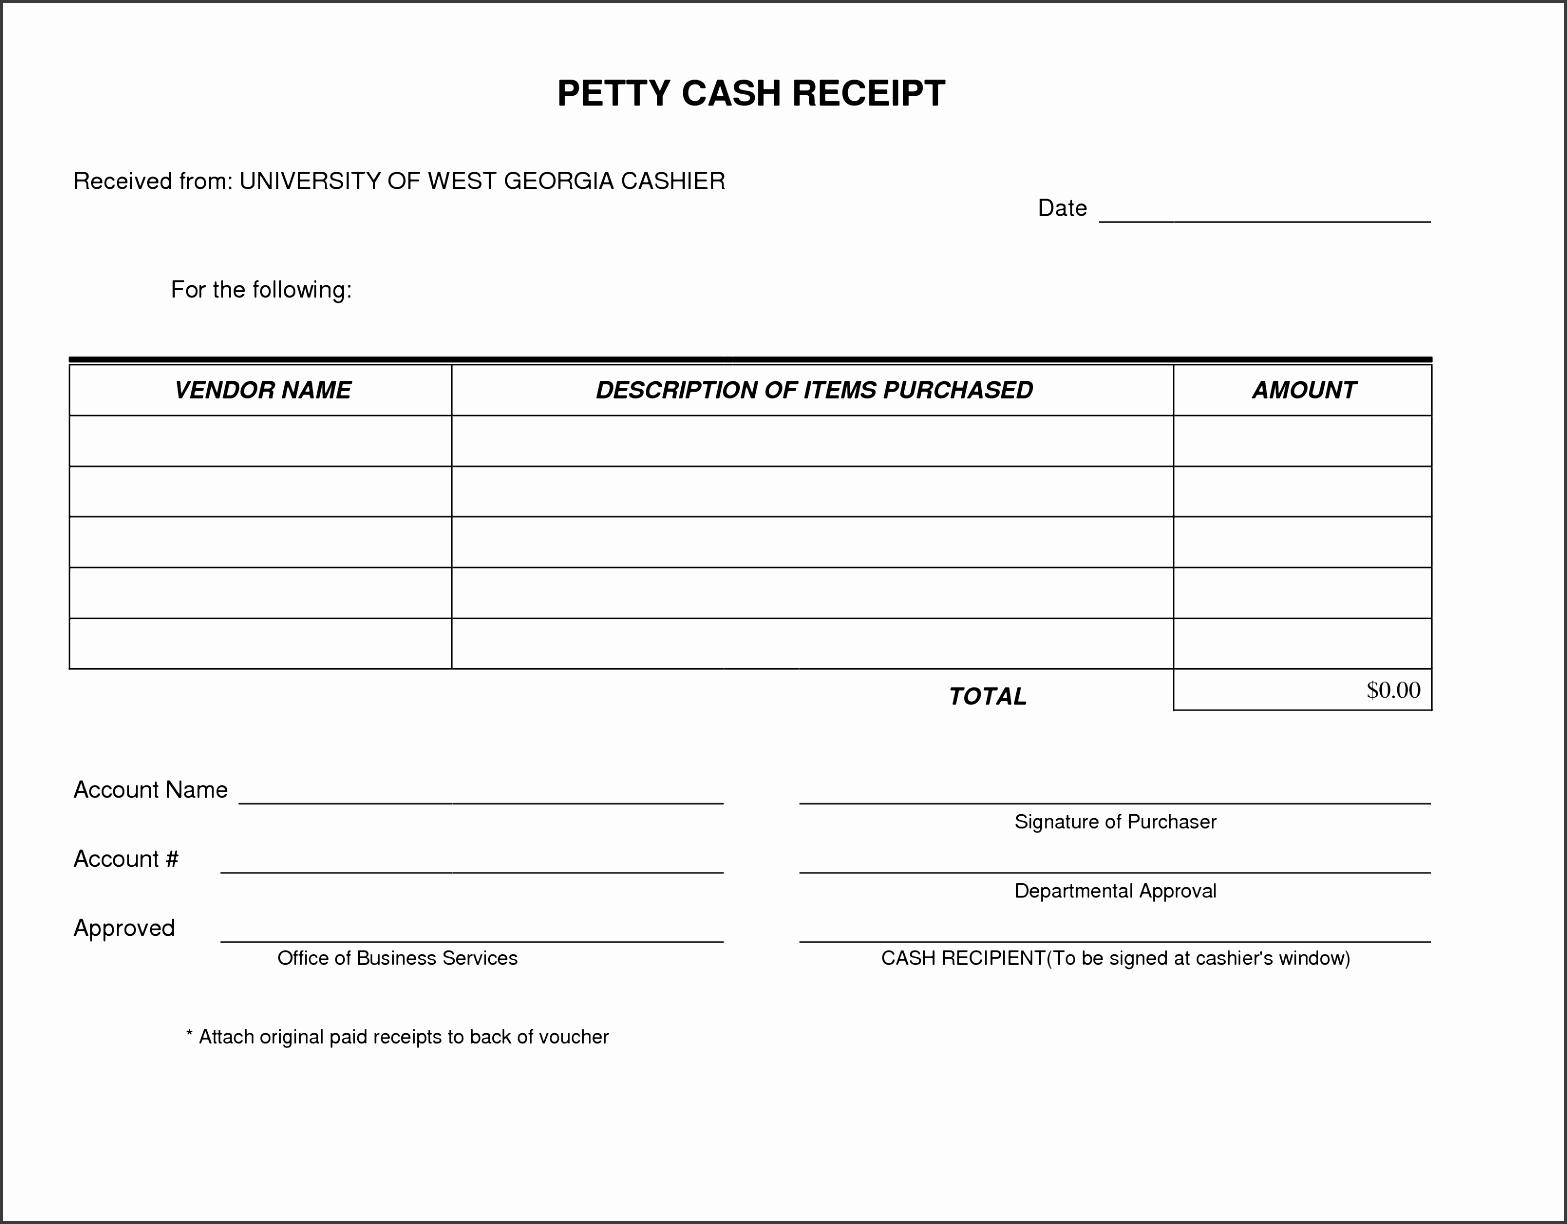 10 Loan Payment Receipt Template - SampleTemplatess - SampleTemplatess